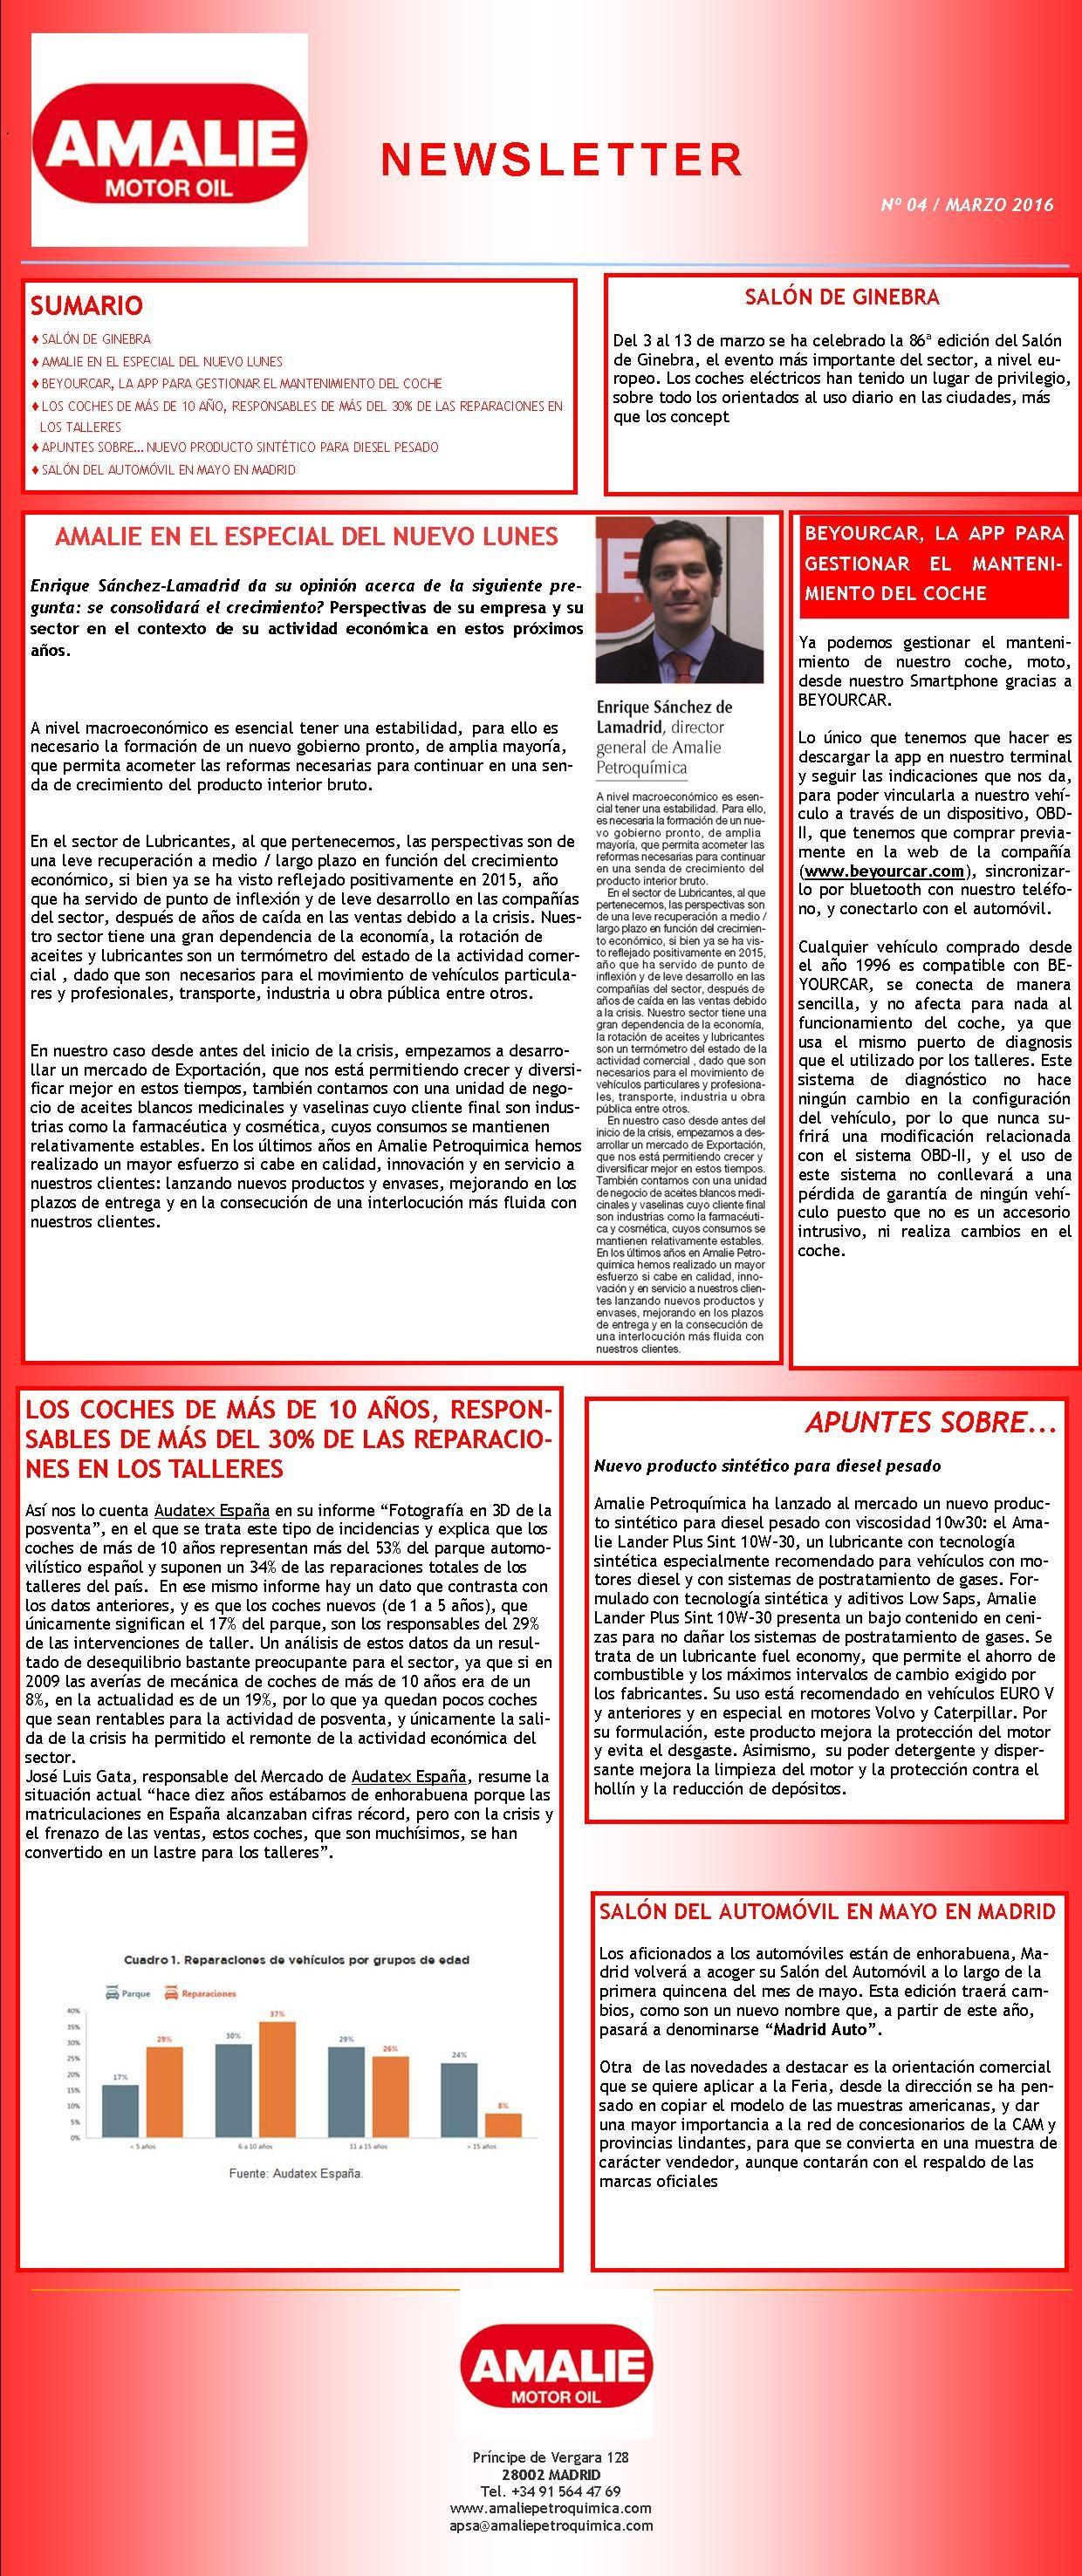 newsletter-amalie-marzo-2016